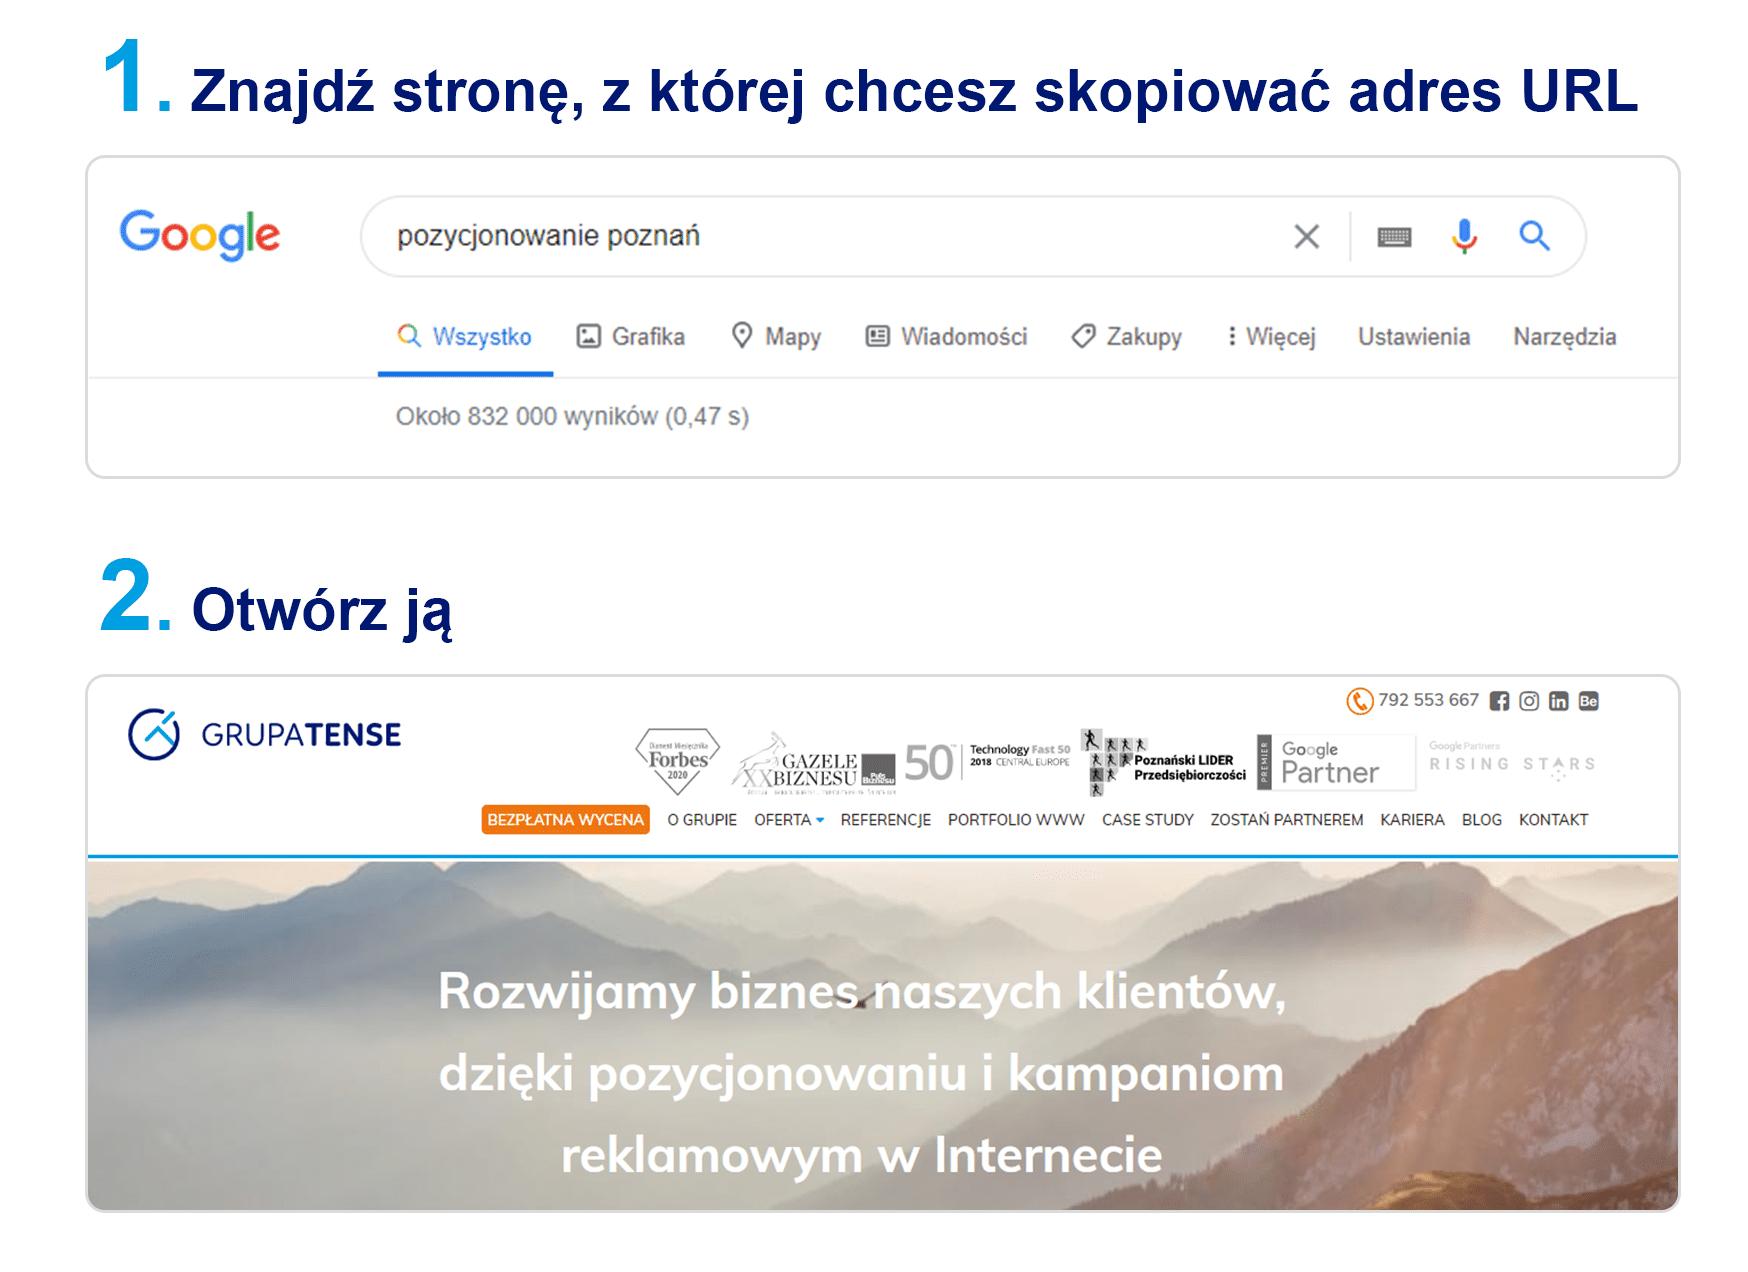 Jak odnaleźć adres URL?